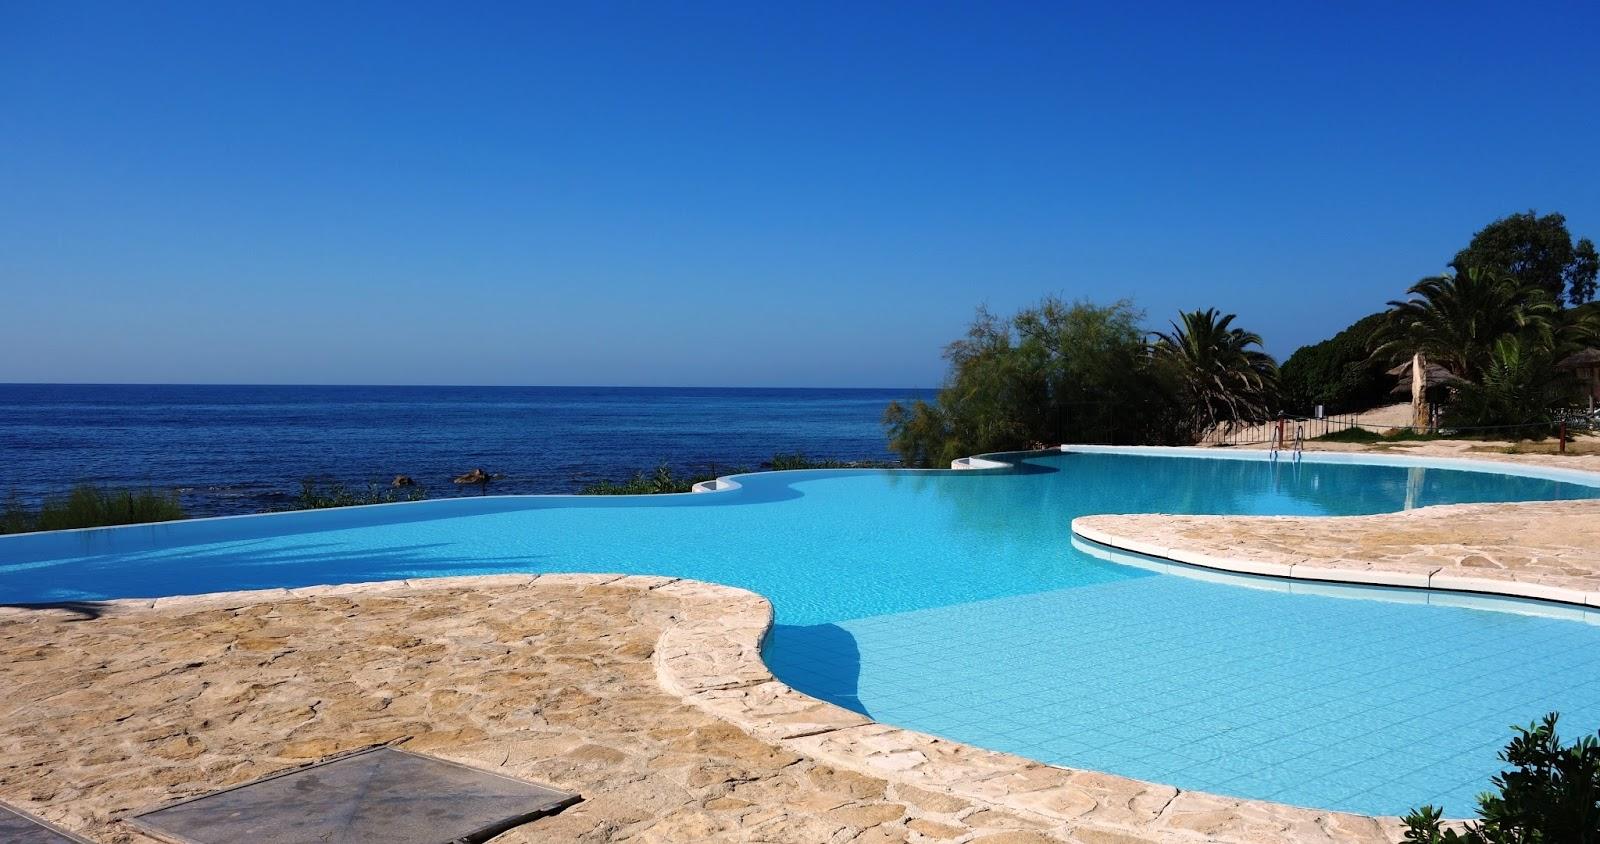 Voyage h tel costa dei fiori au sud de la sardaigne for Hotel pralognan la vanoise piscine